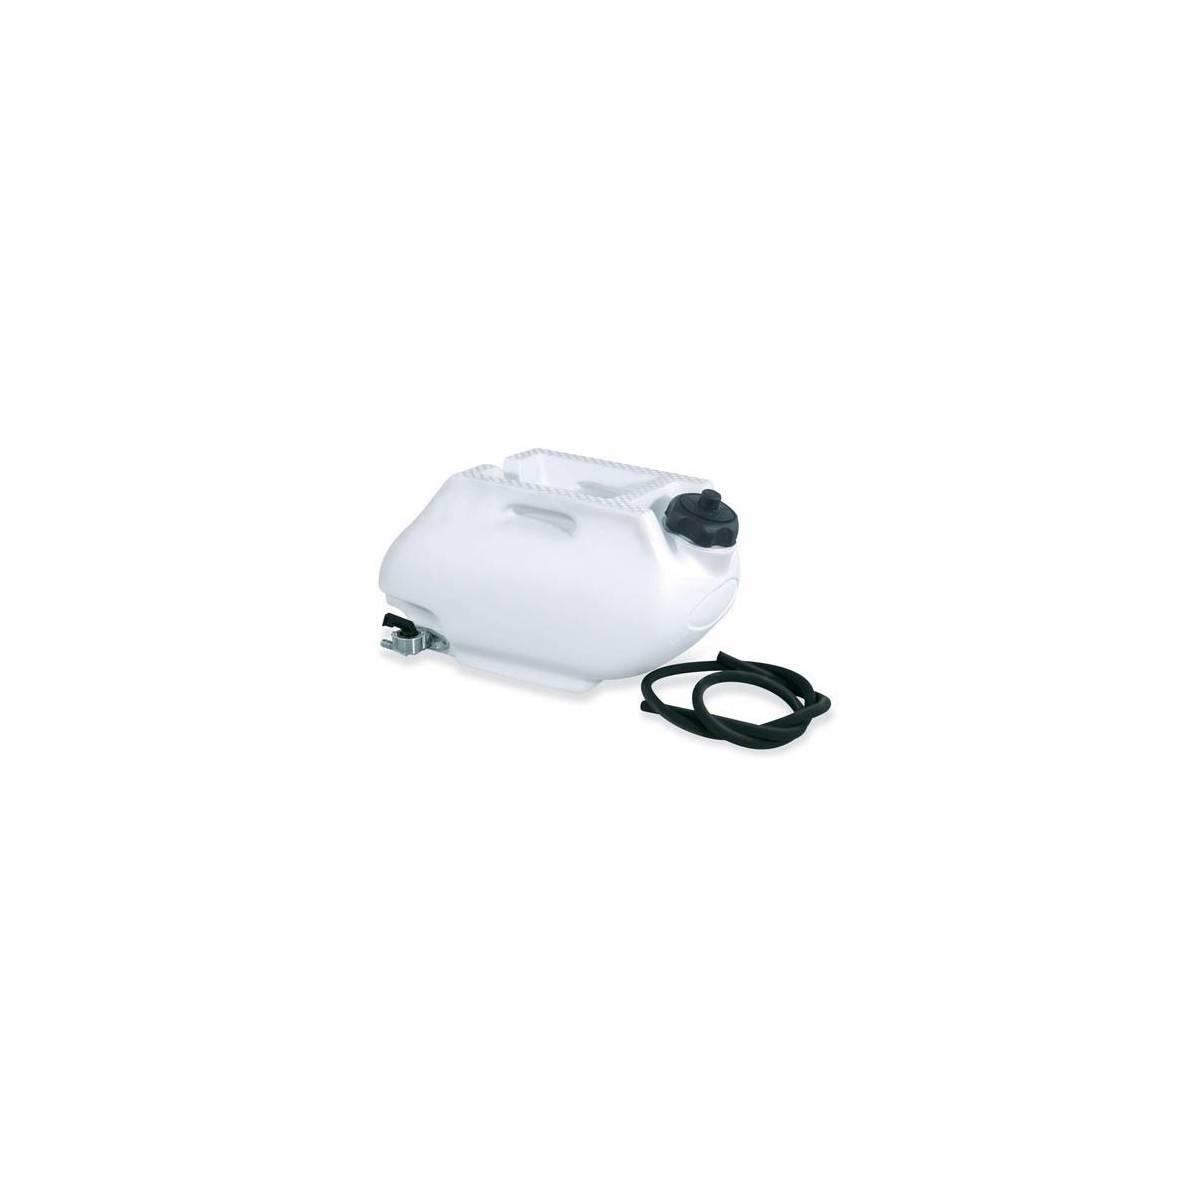 0001609-030 - Tanque Combustible Trasero Acerbis 6 Litros Blanco